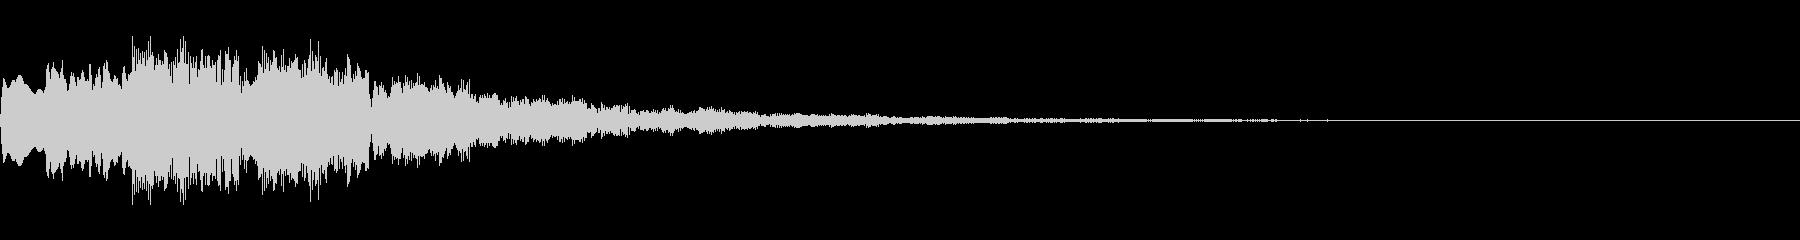 ピロリロリロン ゲームスタート音の未再生の波形